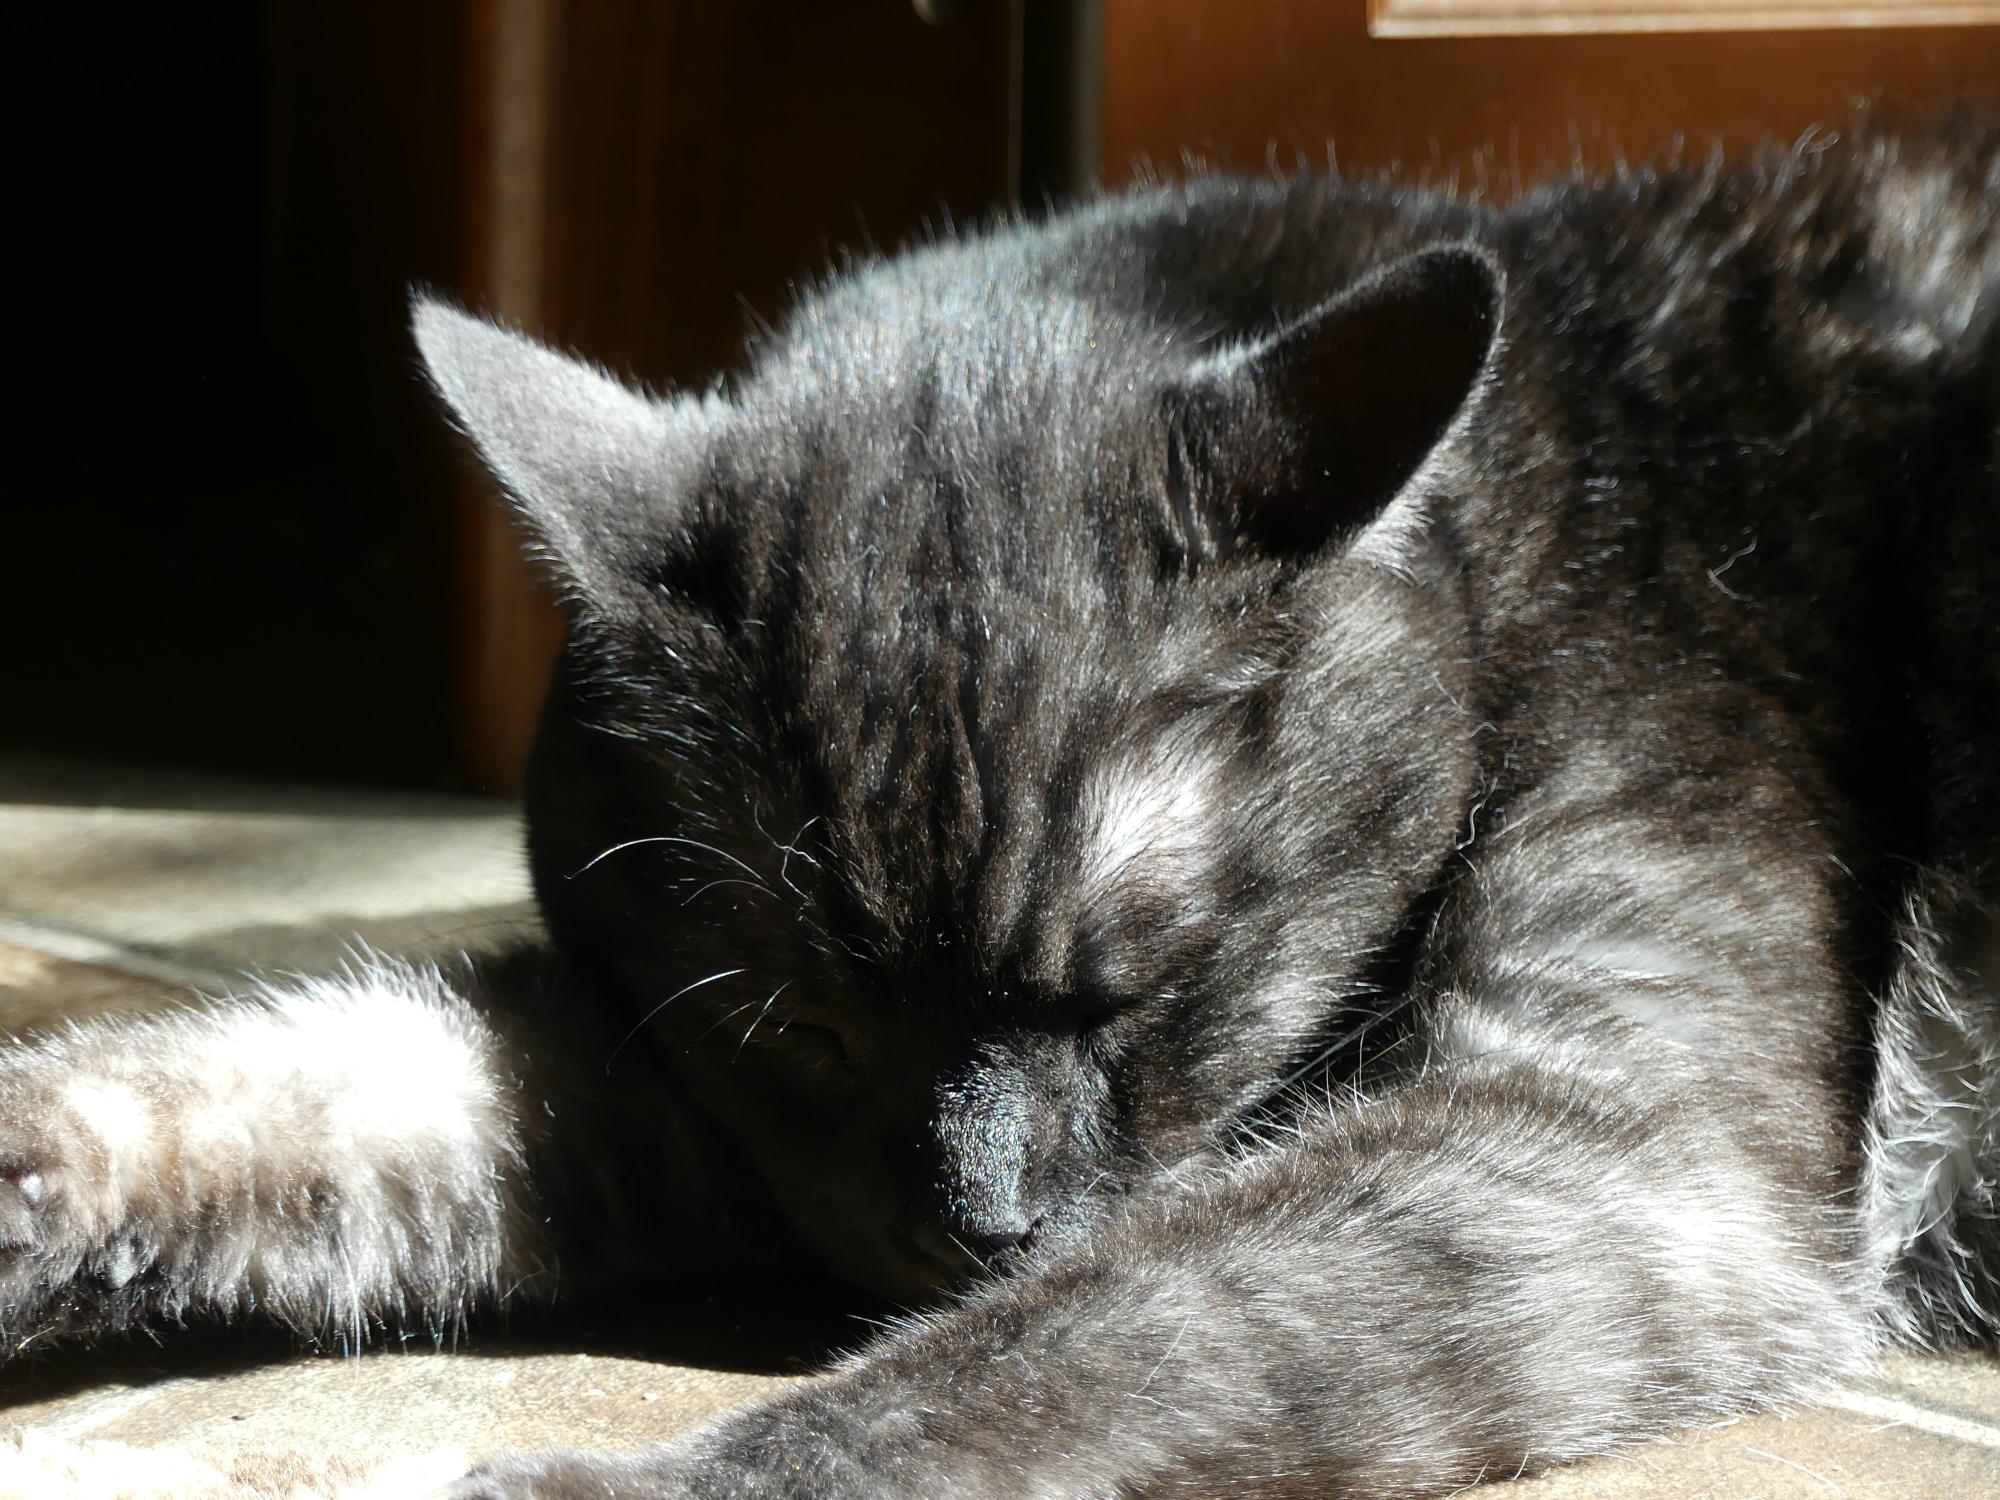 Tito snoozing